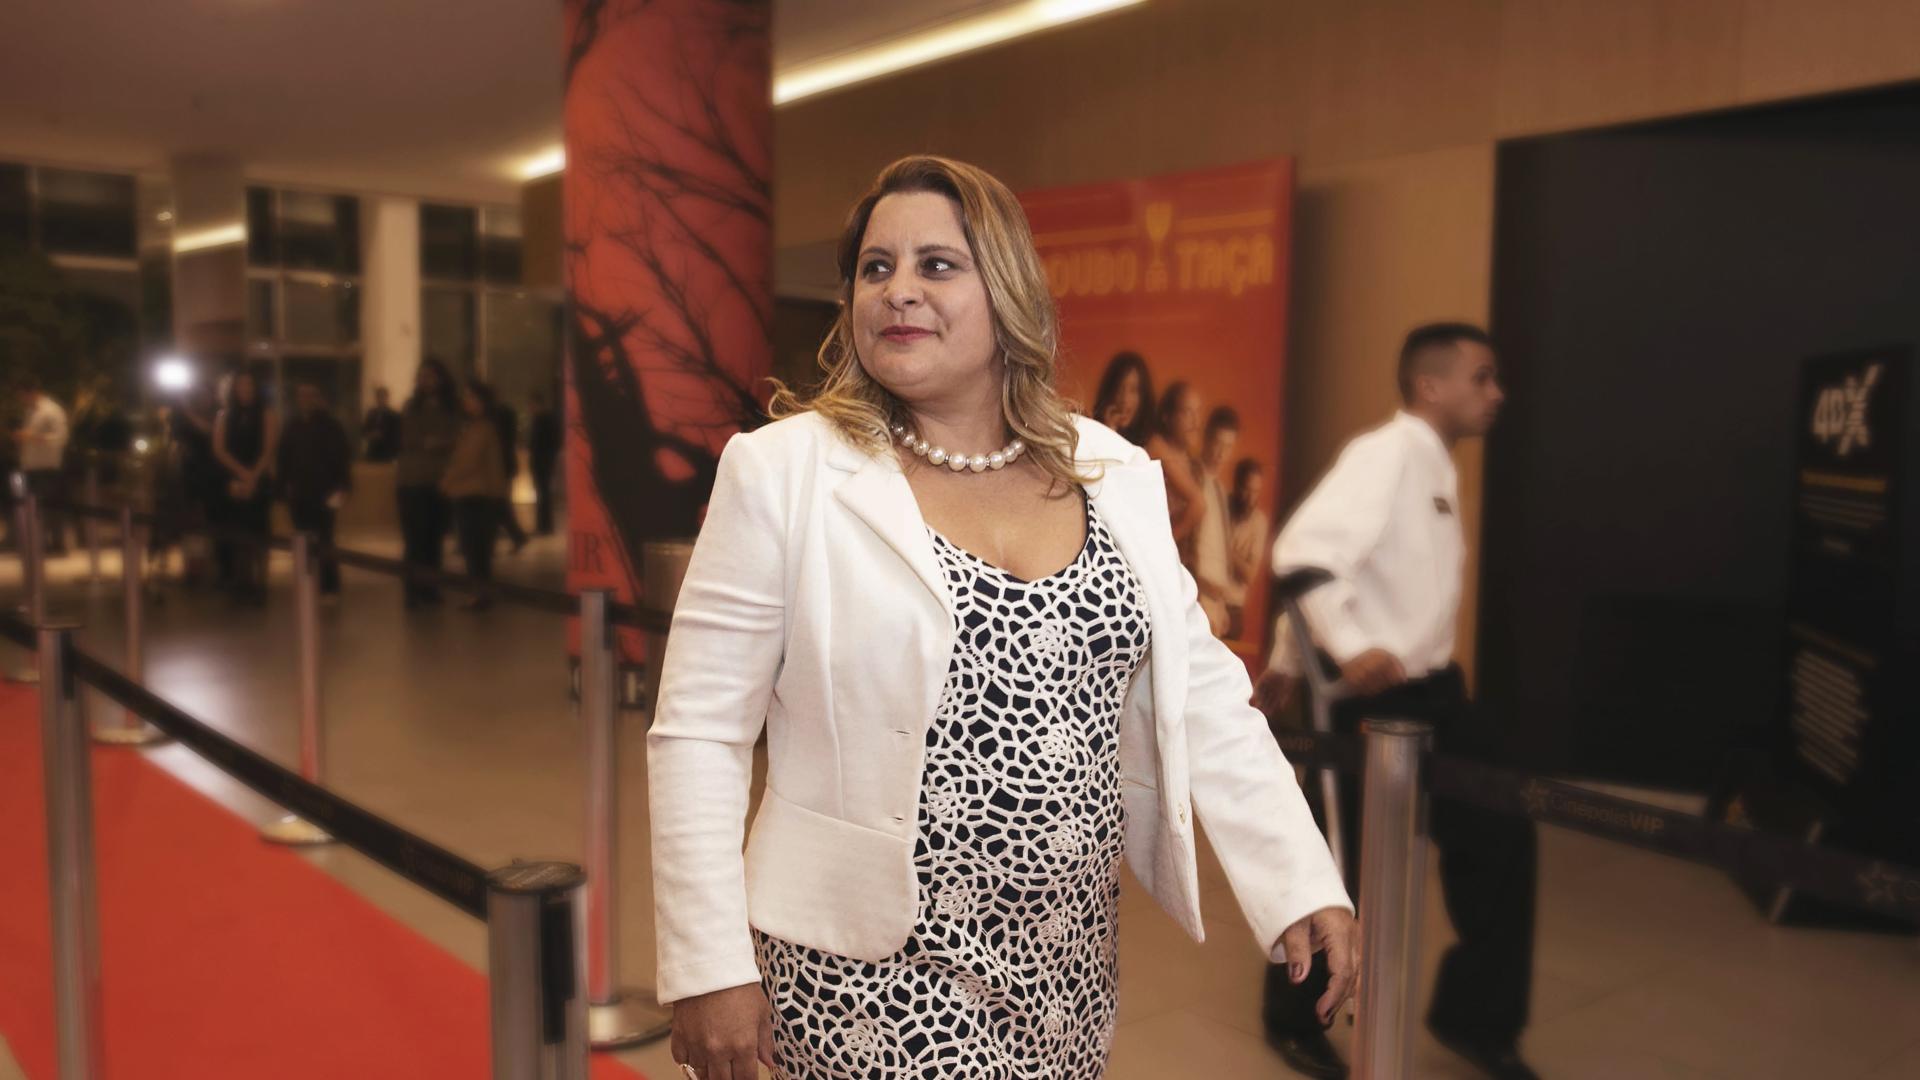 A fundadora da Sorridents, Carla Sarni, brilha no Tapete Vermelho em noite de pré-estreia